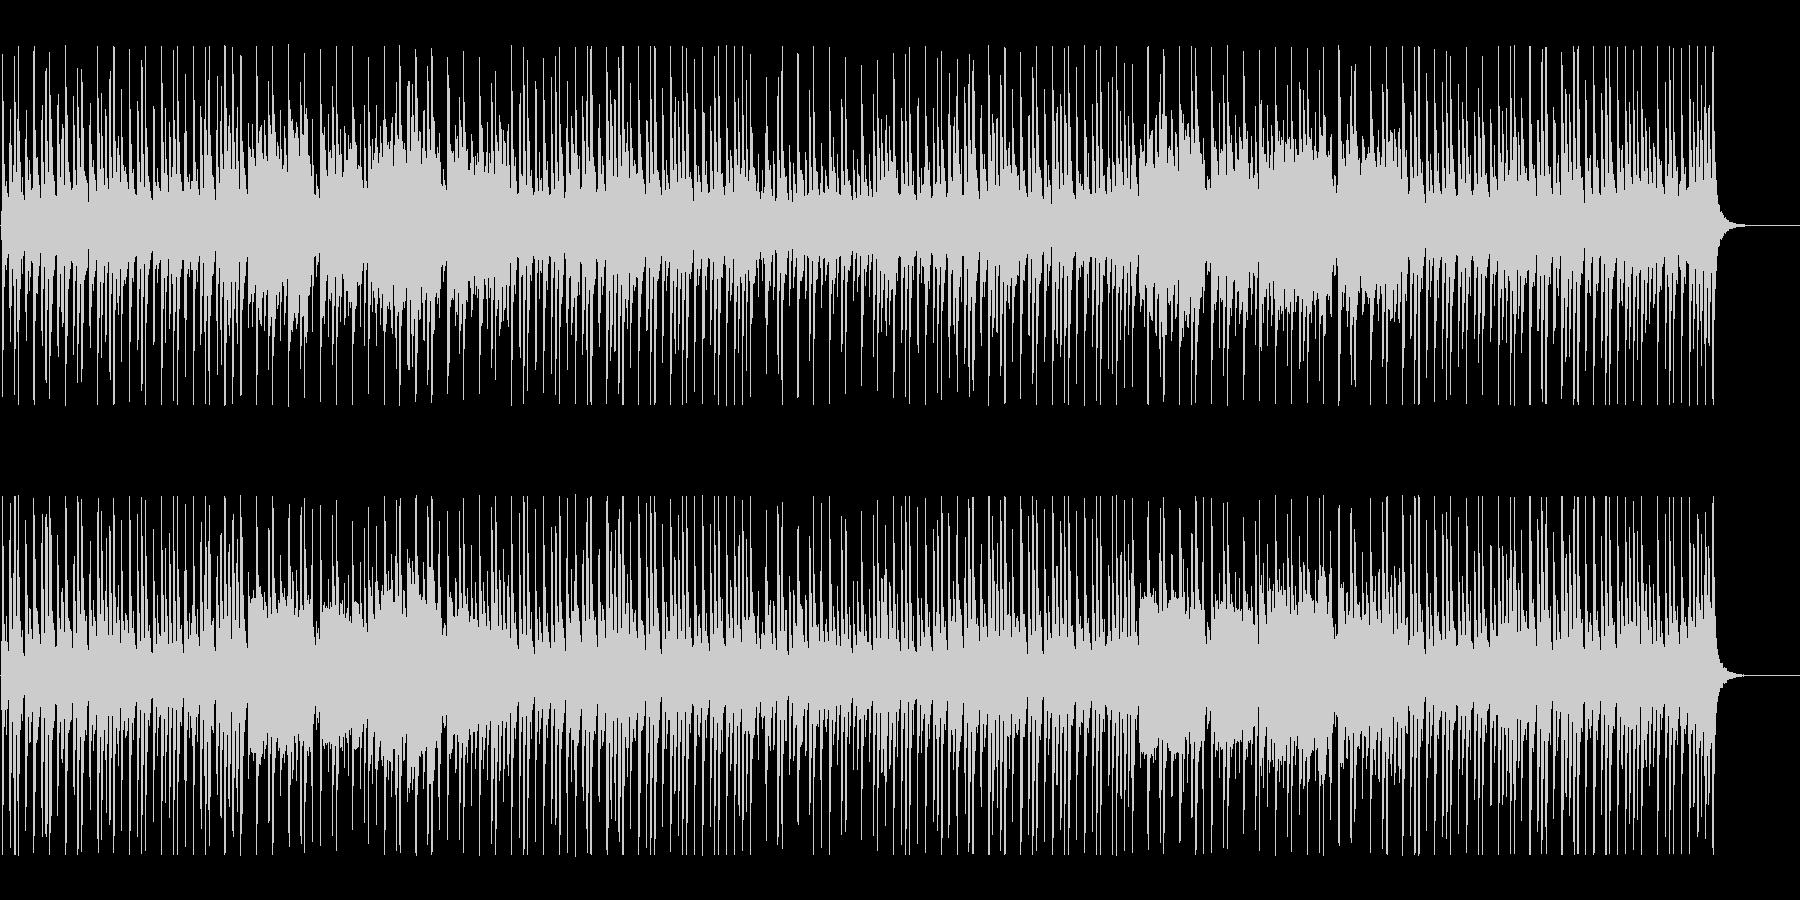 爽やかでほのぼのとしたBGMの未再生の波形